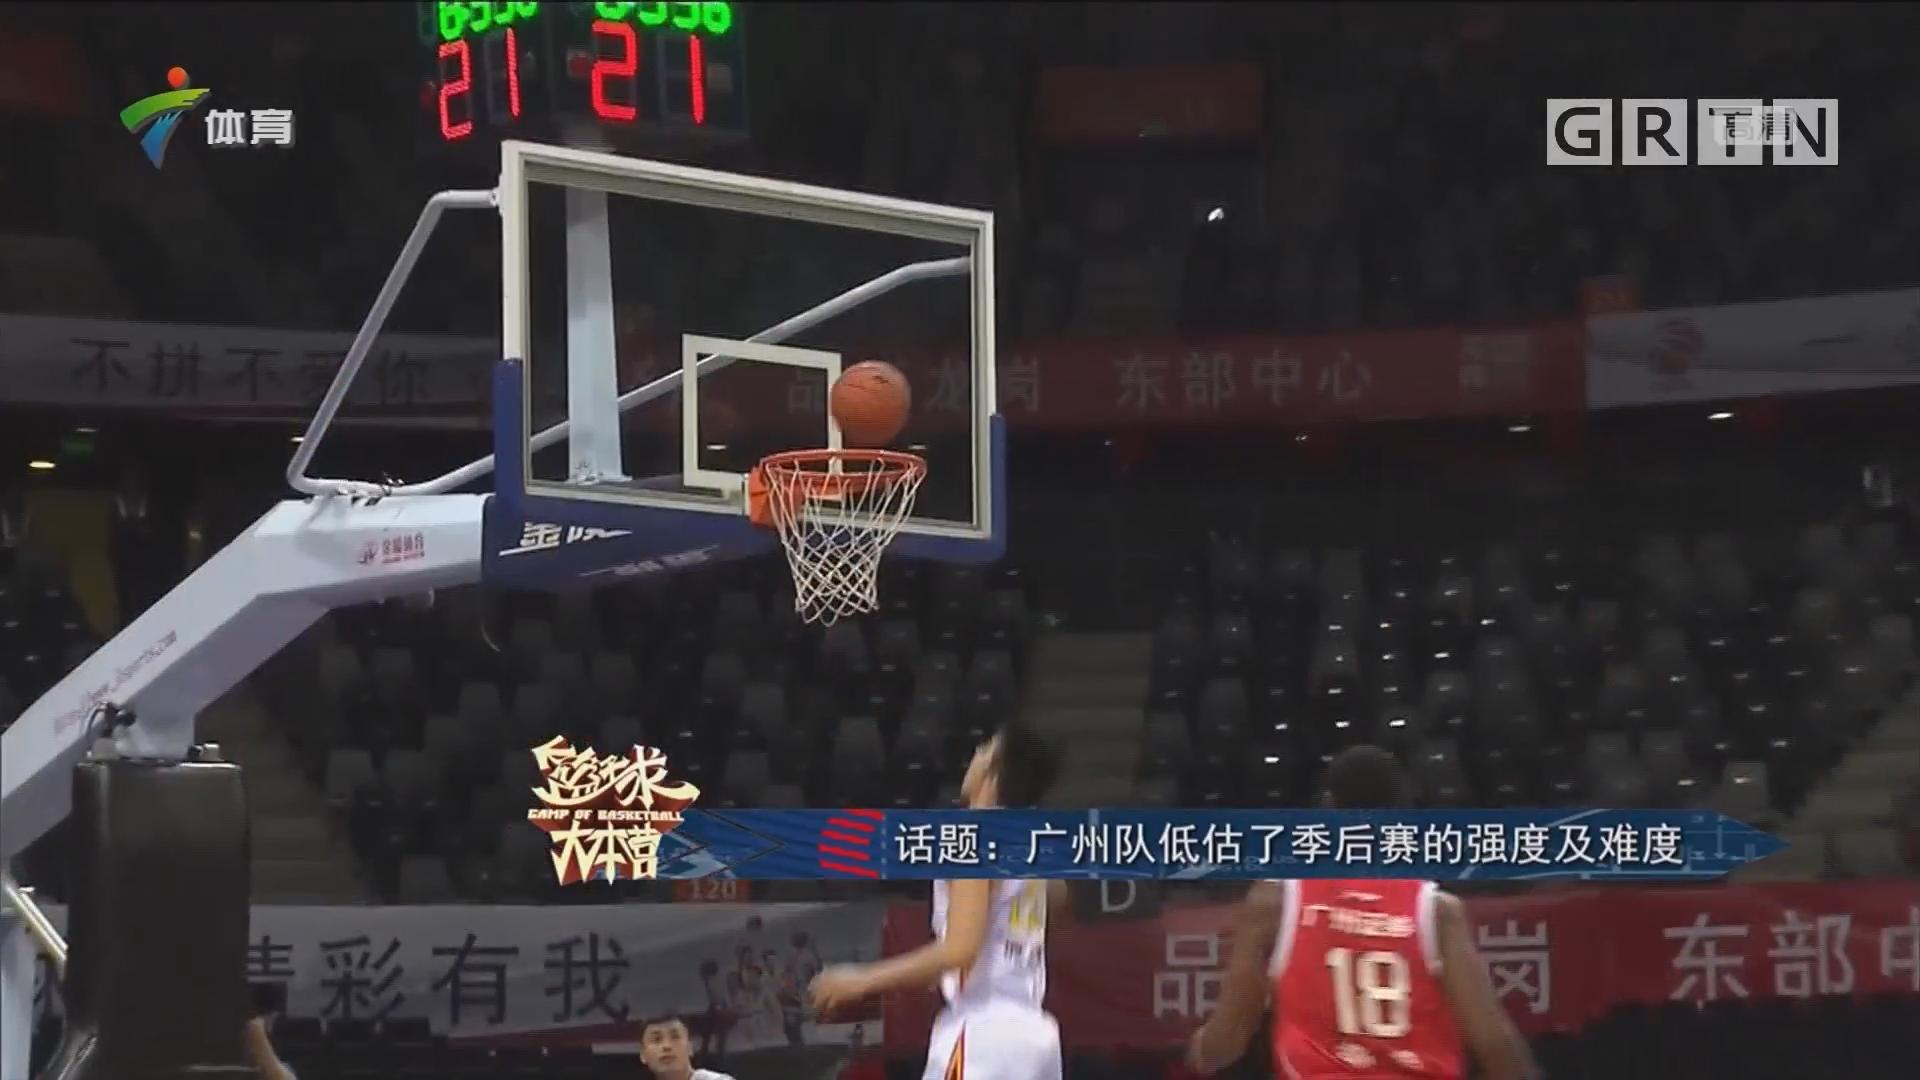 话题:广州队低估了季后赛的强度及难度